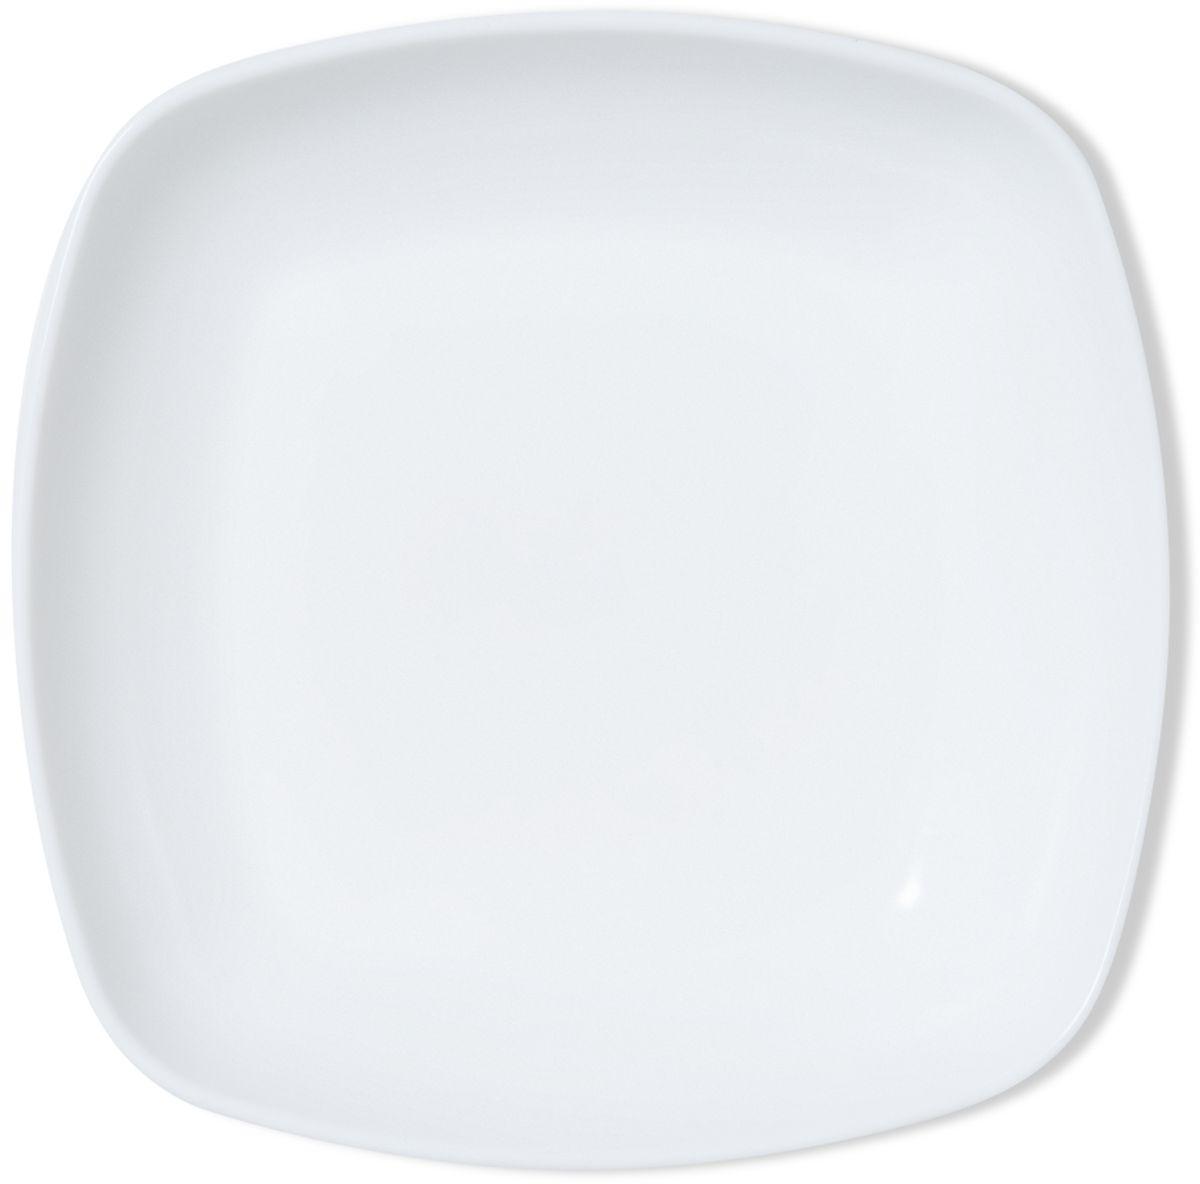 Тарелка глубокая Dosh l Home ADARA, квадратная, 23 см400202Элегантные тарелки для стильной сервировки блюд и закусок. Изготовлены из высококачественного силикона белоснежного цвета. Силикон не впитывает запах и вкус продуктов, устойчив к царапинам. Подходит для микроволновой печи, холодильника. Можно мыть в посудомоечной машине. Мыть обычными моющими средствами, не использовать агрессивные вещества, металлические мочалки, острые предметы и т.д..